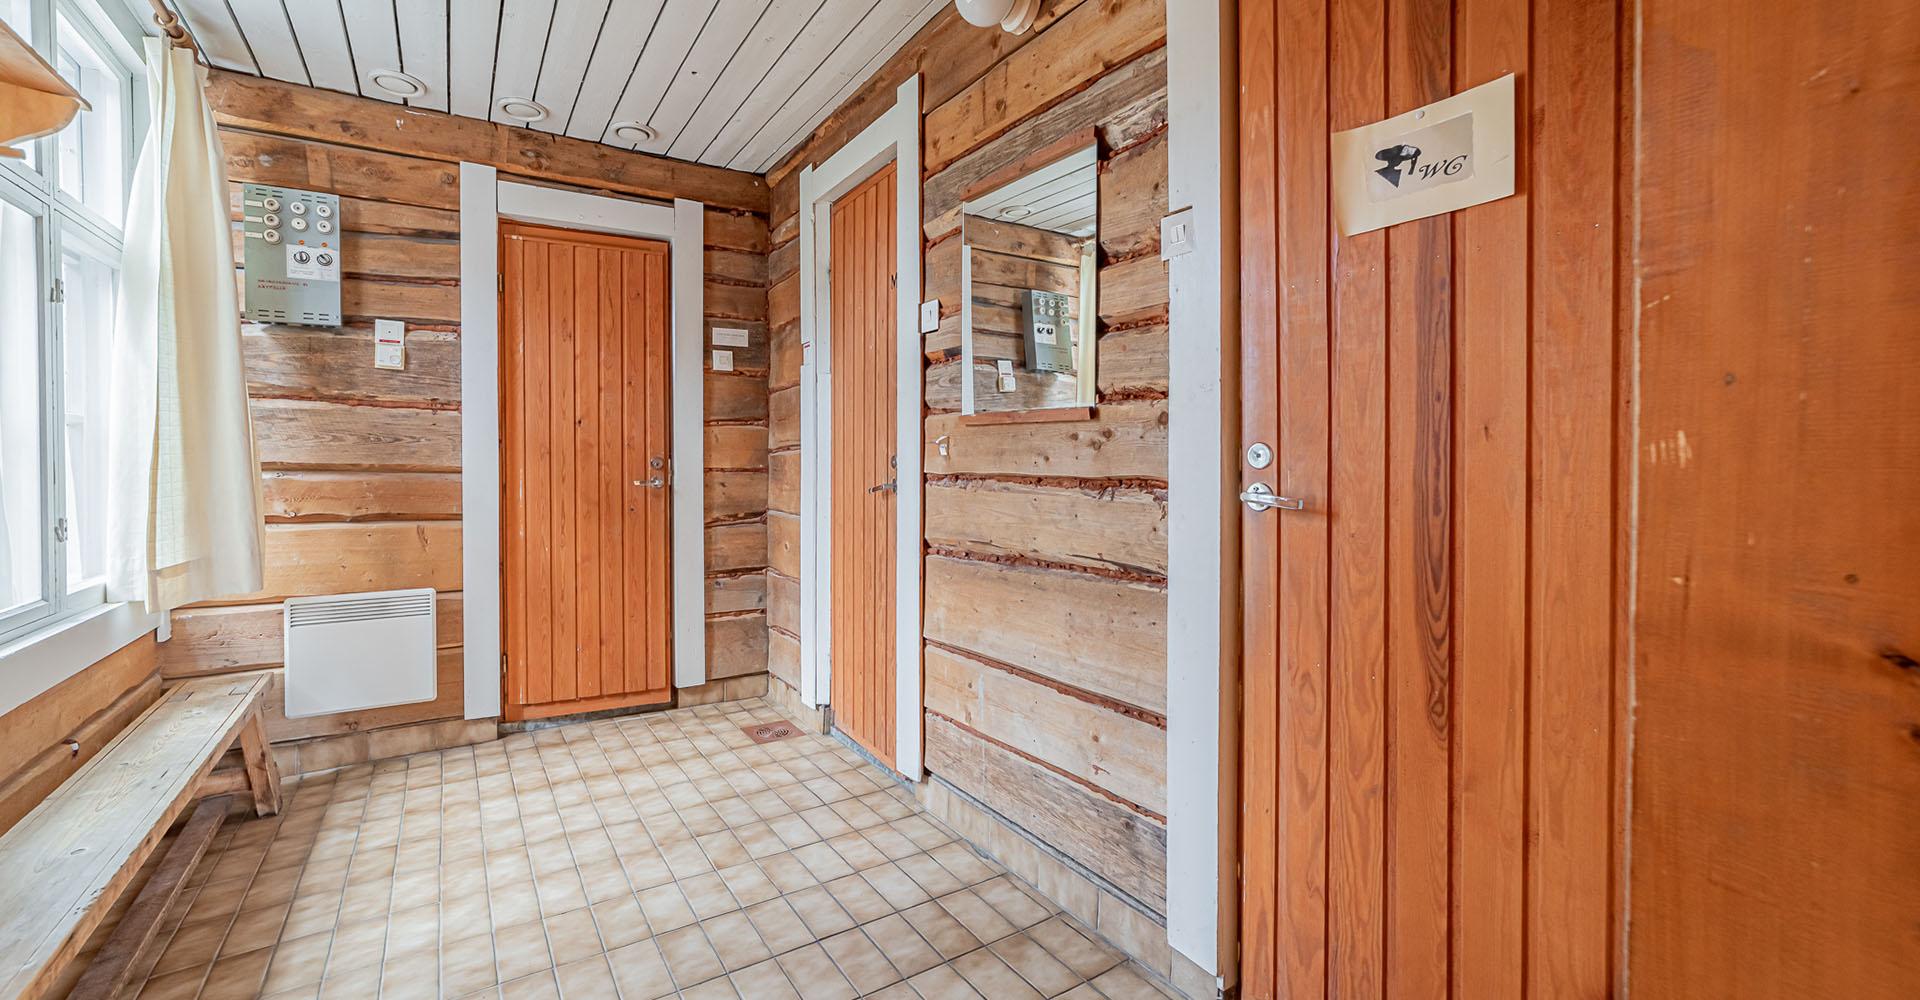 Saunan pukuhuone ja wc-tilat   Hyvelän Maja • Pori